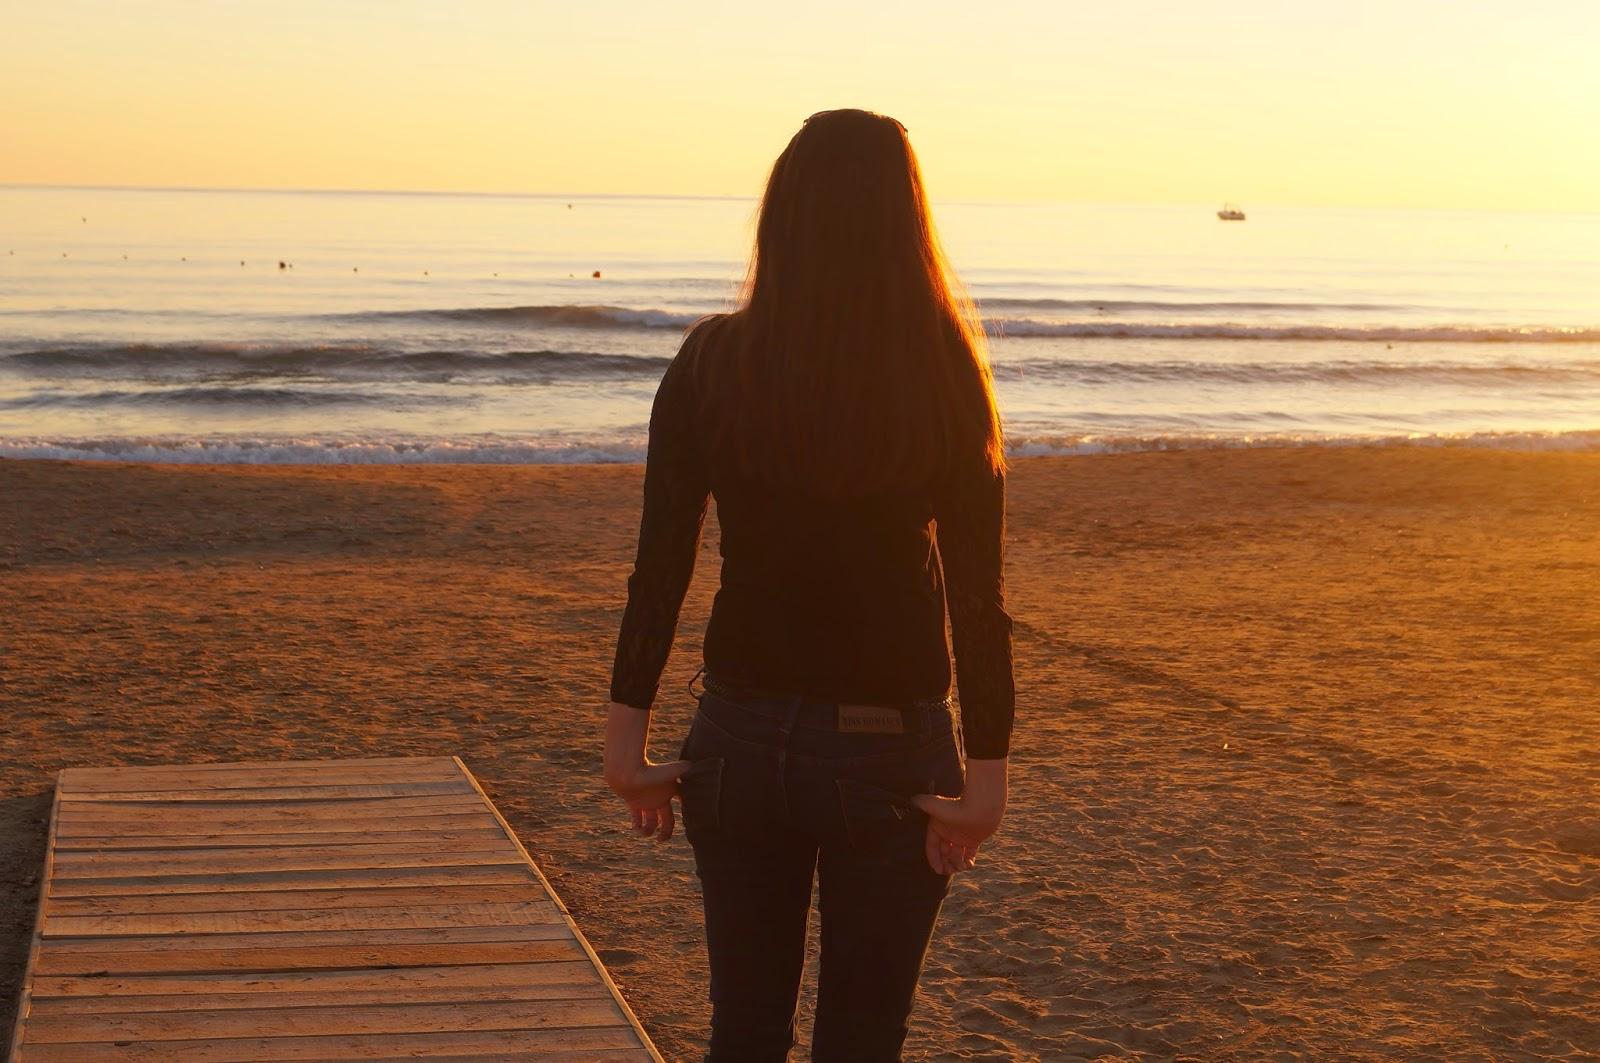 http://butterherz.blogspot.de/